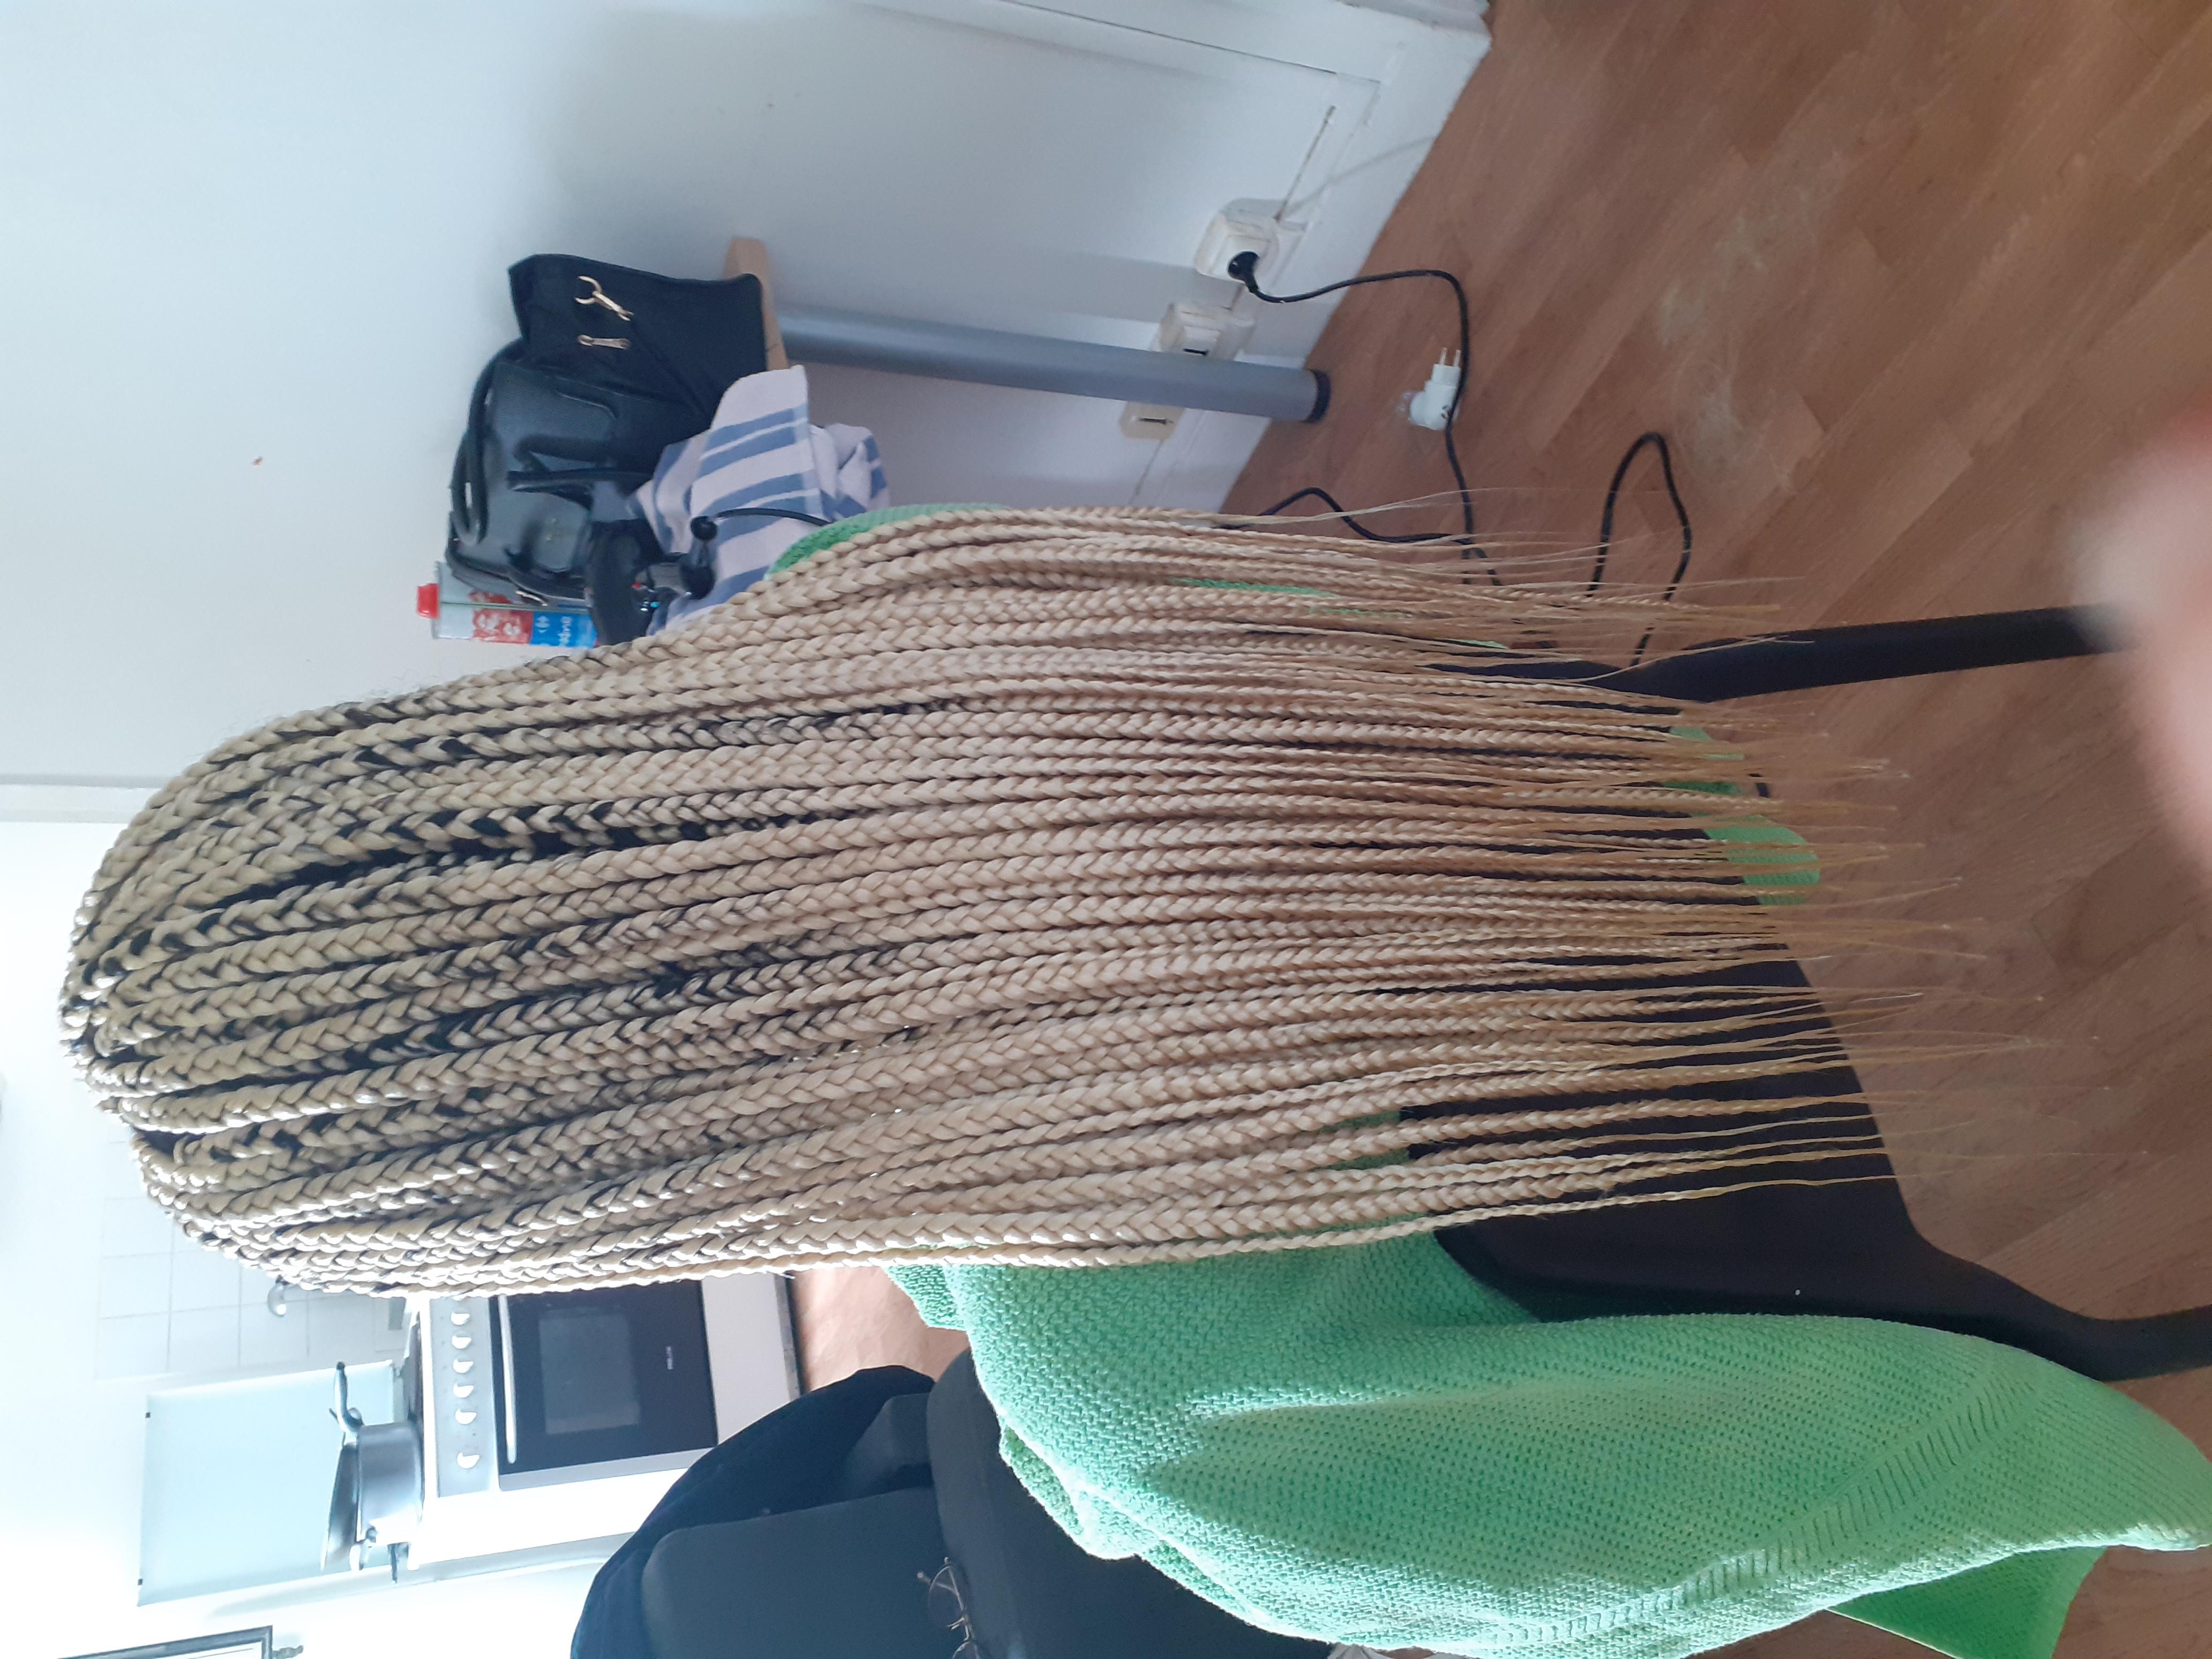 salon de coiffure afro tresse tresses box braids crochet braids vanilles tissages paris 75 77 78 91 92 93 94 95 OJRCPKAR